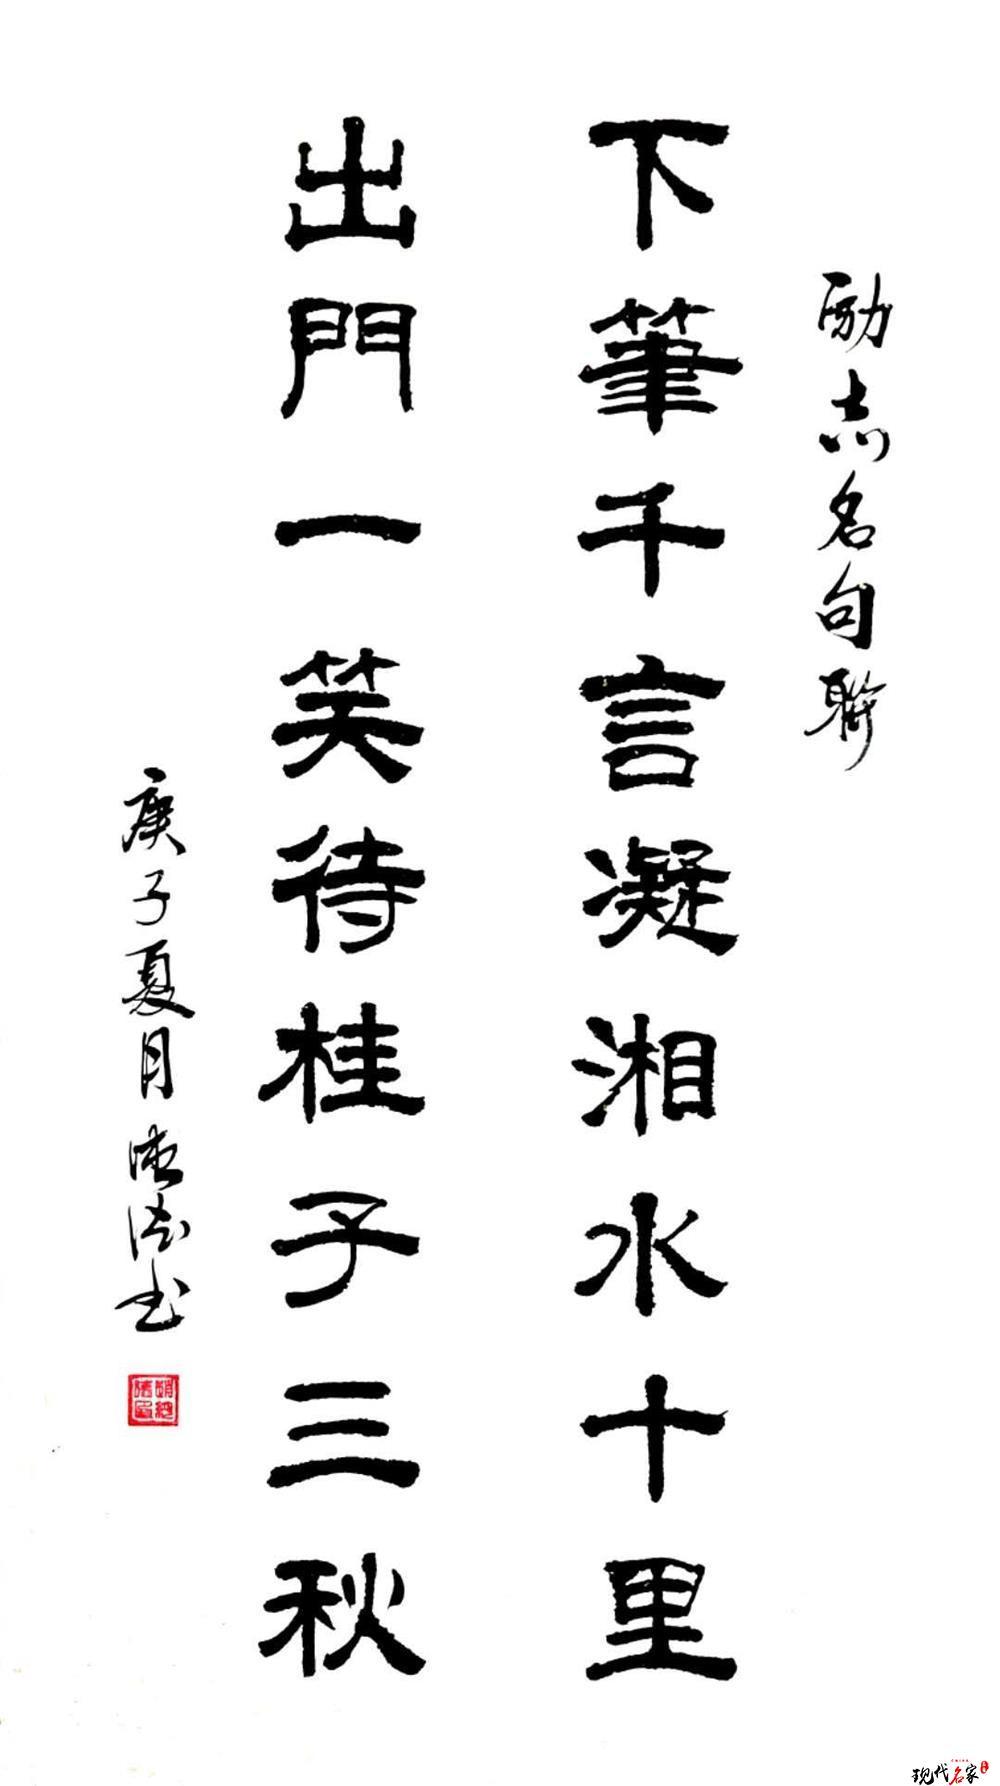 中国现代书法家——张砚、柯金泉、叶挺英、詹锡尔、李敏智、汪卫政、缪彦宗、赵纯德、石城、潘忠敏-第23张